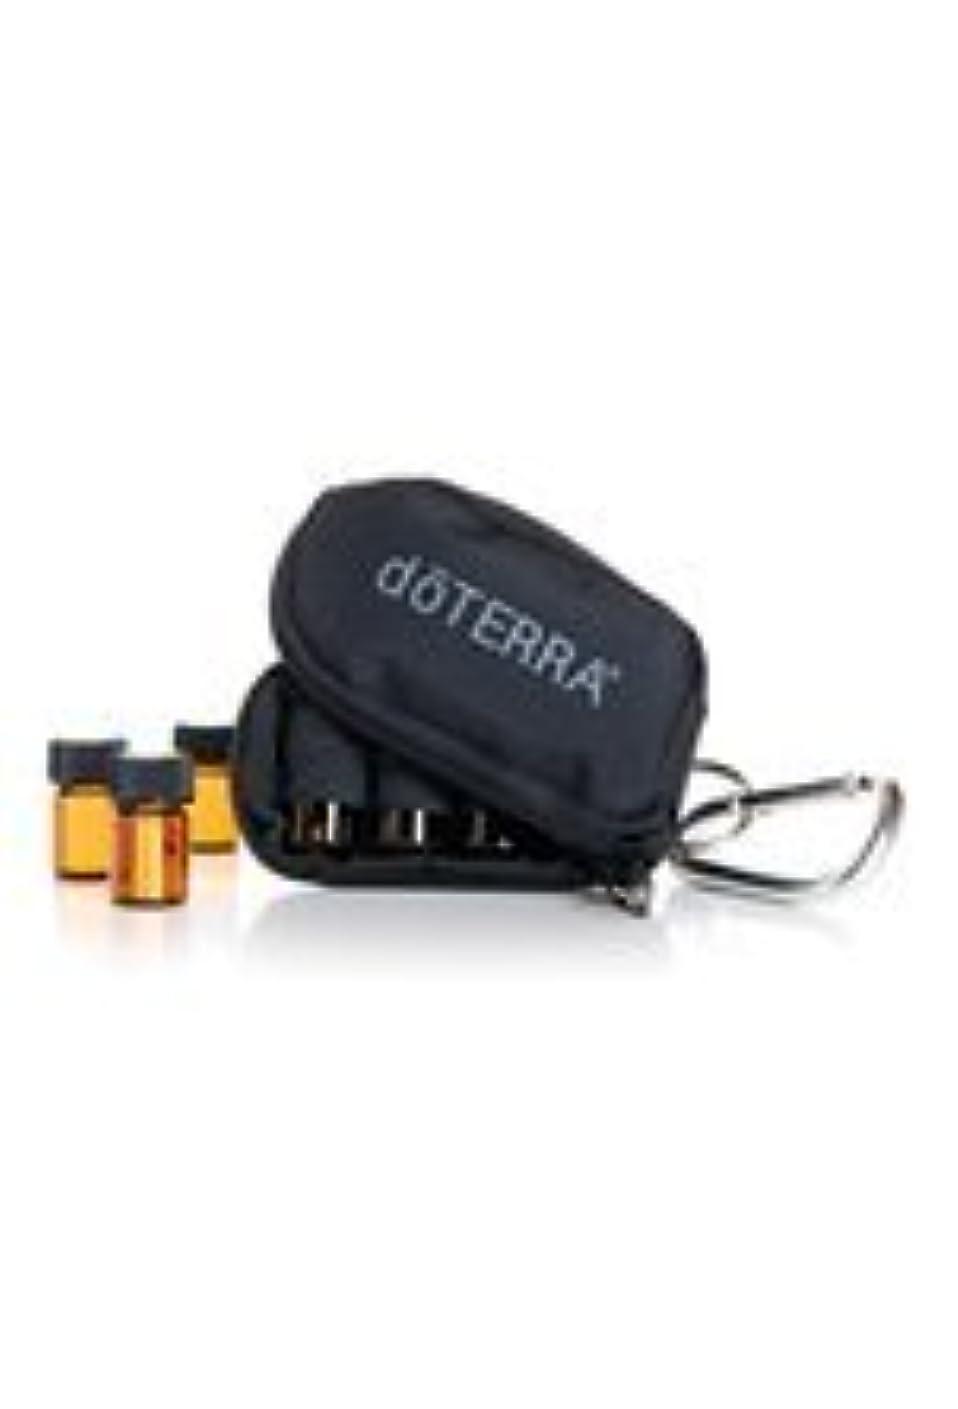 不十分な苦集団的doTERRAドテラ ミニ ボトル ケース ブラック ミニボトル 2ml 8本 精油 エッセンシャルオイル 携帯ケース ポーチ 黒